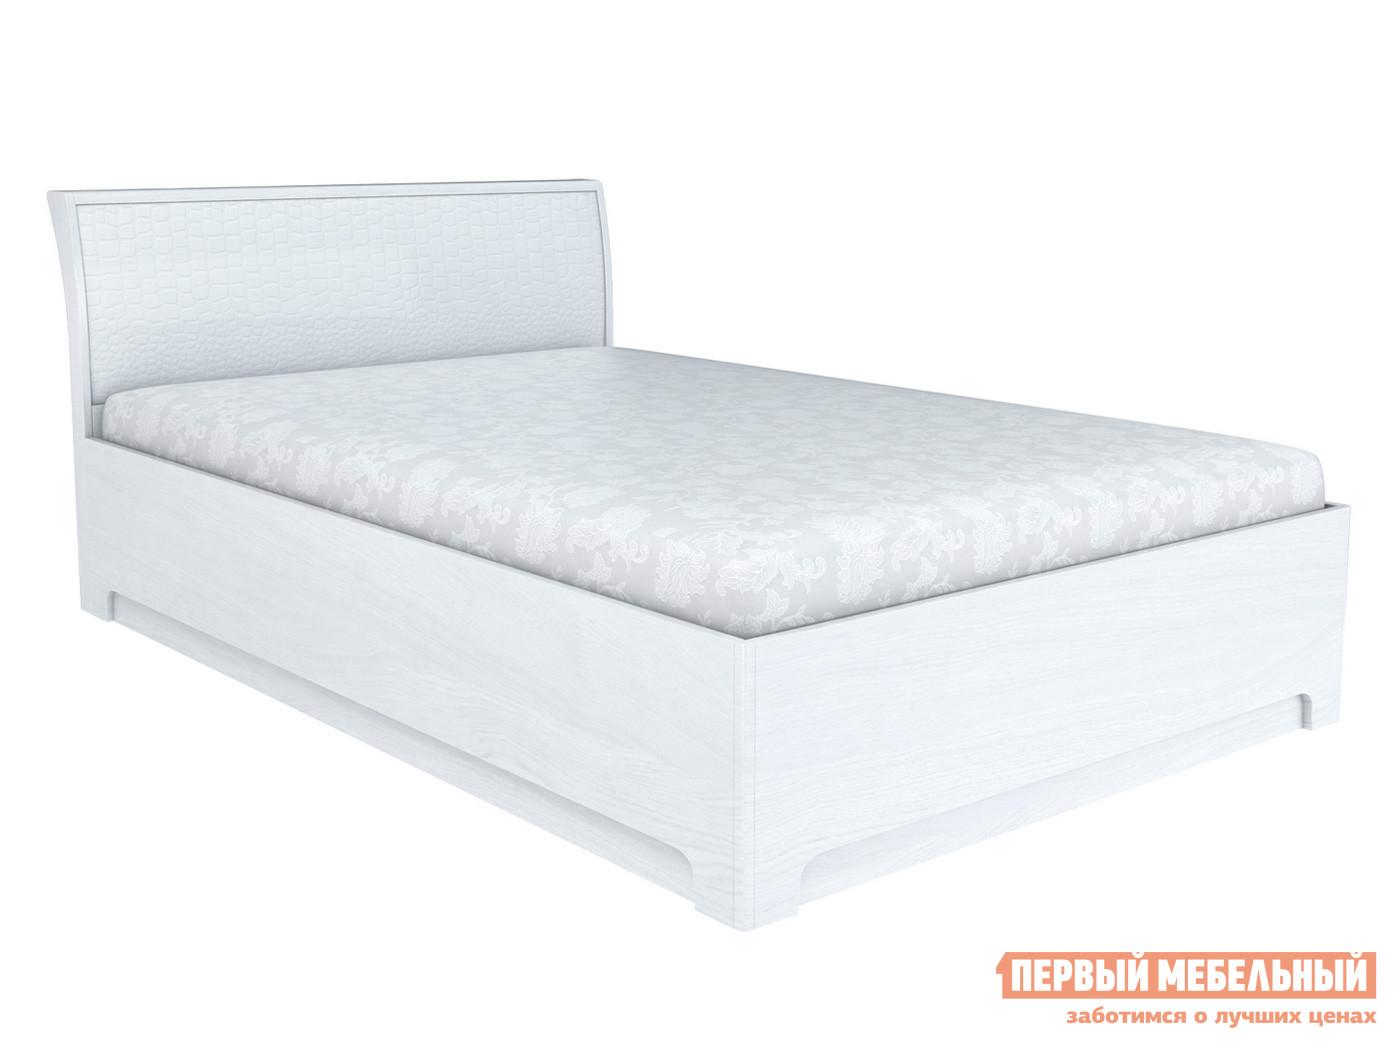 Двуспальная кровать Первый Мебельный Капри 3 с ПМ двуспальная кровать первый мебельный кровать бланес без пм кровать бланес с пм